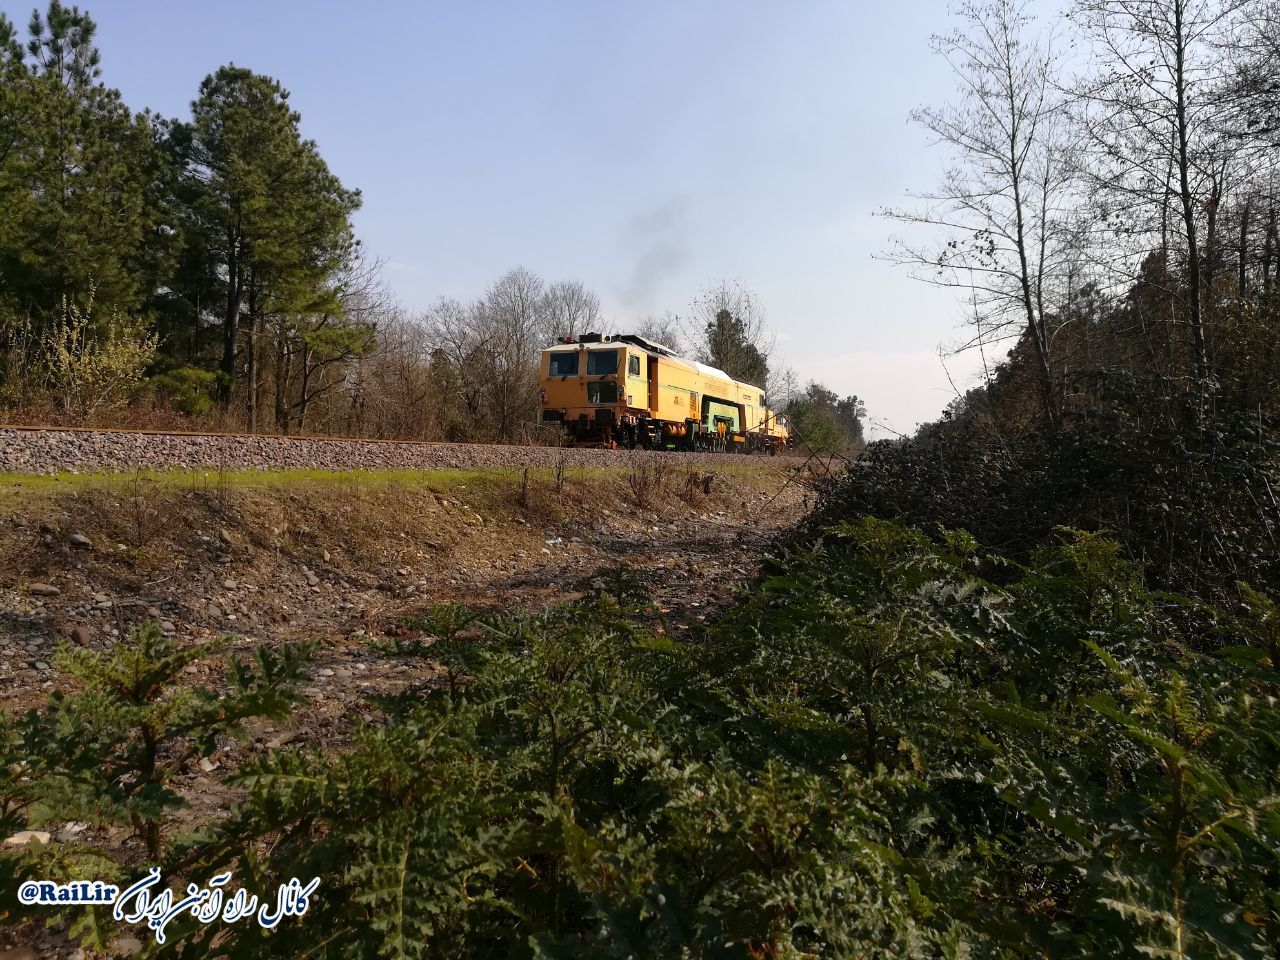 پروژه راهآهن قزوین - رشت نقش حیاتی برای کشور دارد/ اتصال به کشورهای اروپایی با تکمیل راهآهن قزوین - رشت